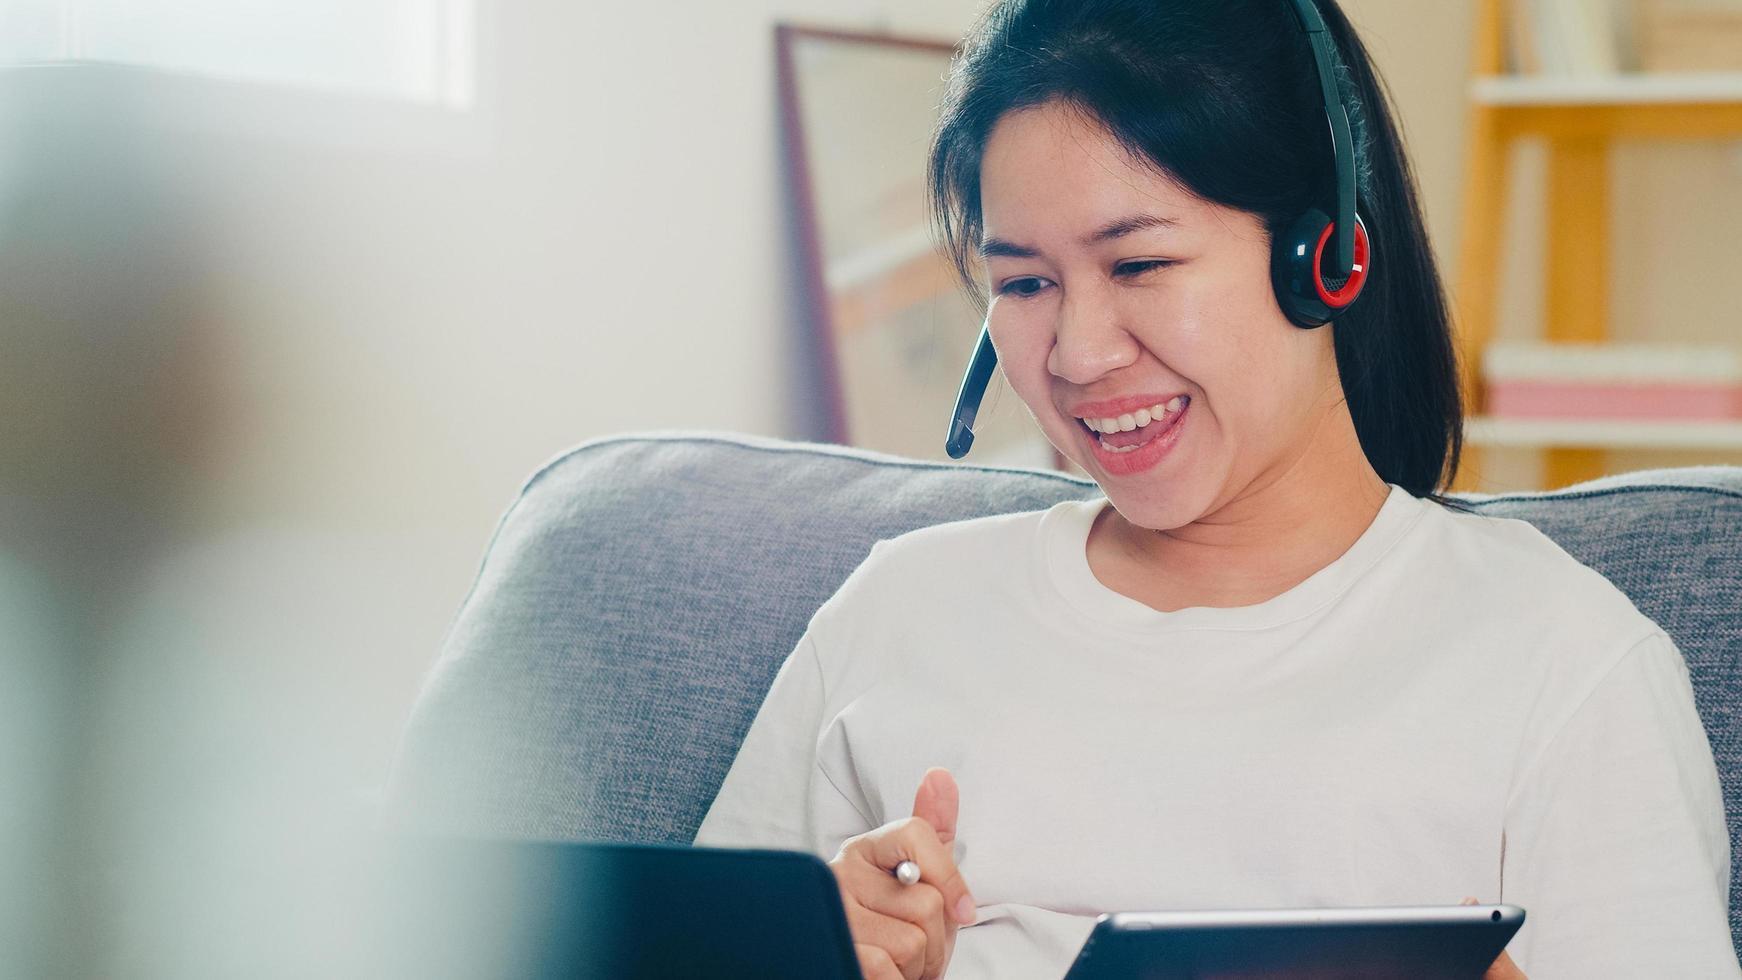 asiatische freiberufliche Geschäftsfrau mit Laptop zu Hause foto